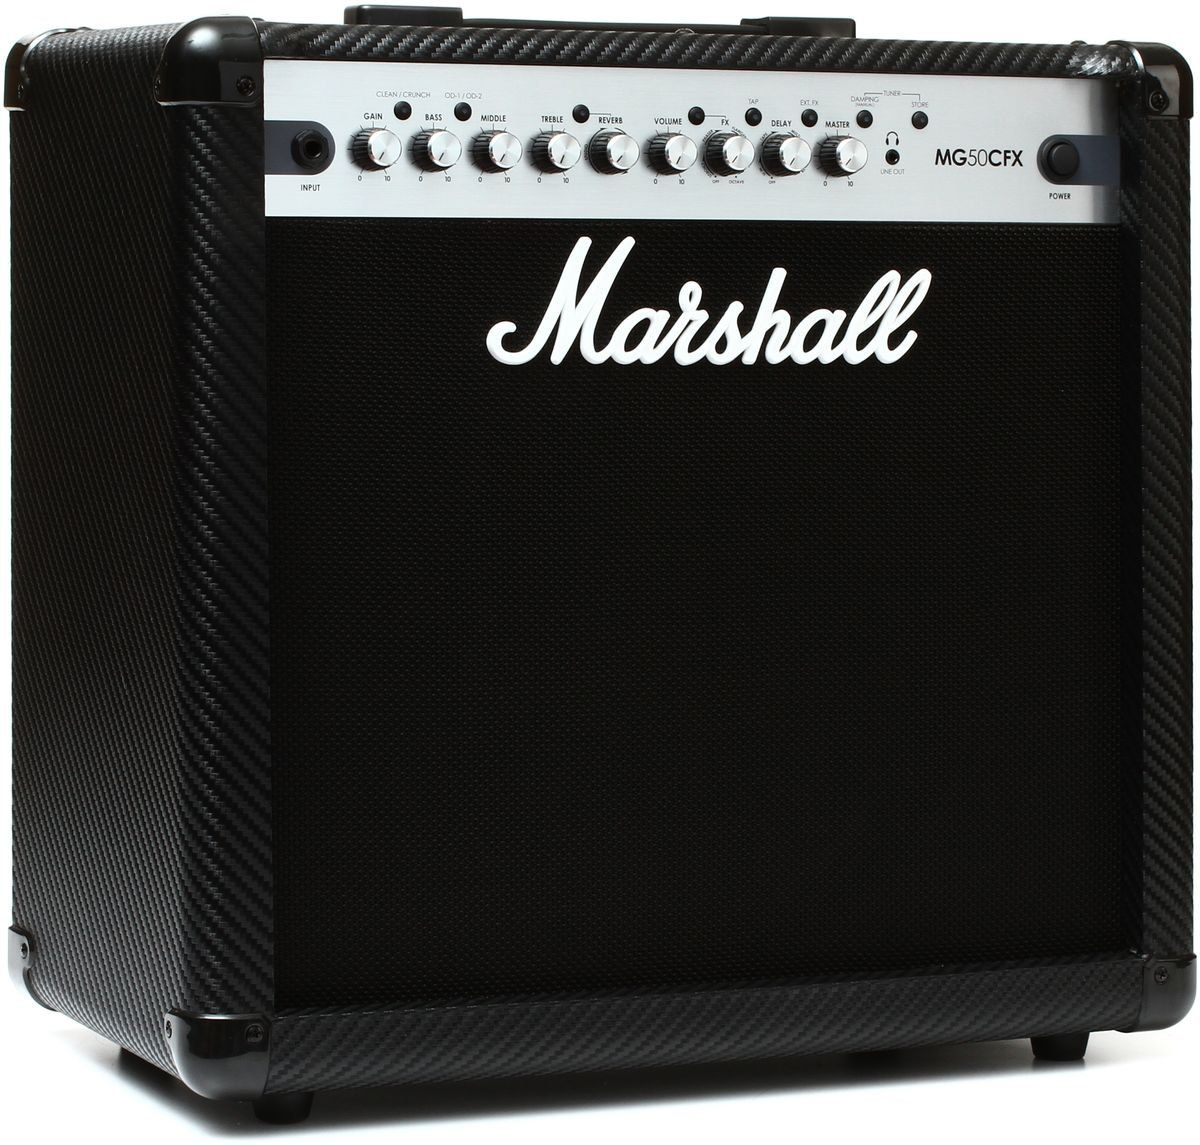 Combo para guitarra 50W - MG50CFX-B - MARSHALL